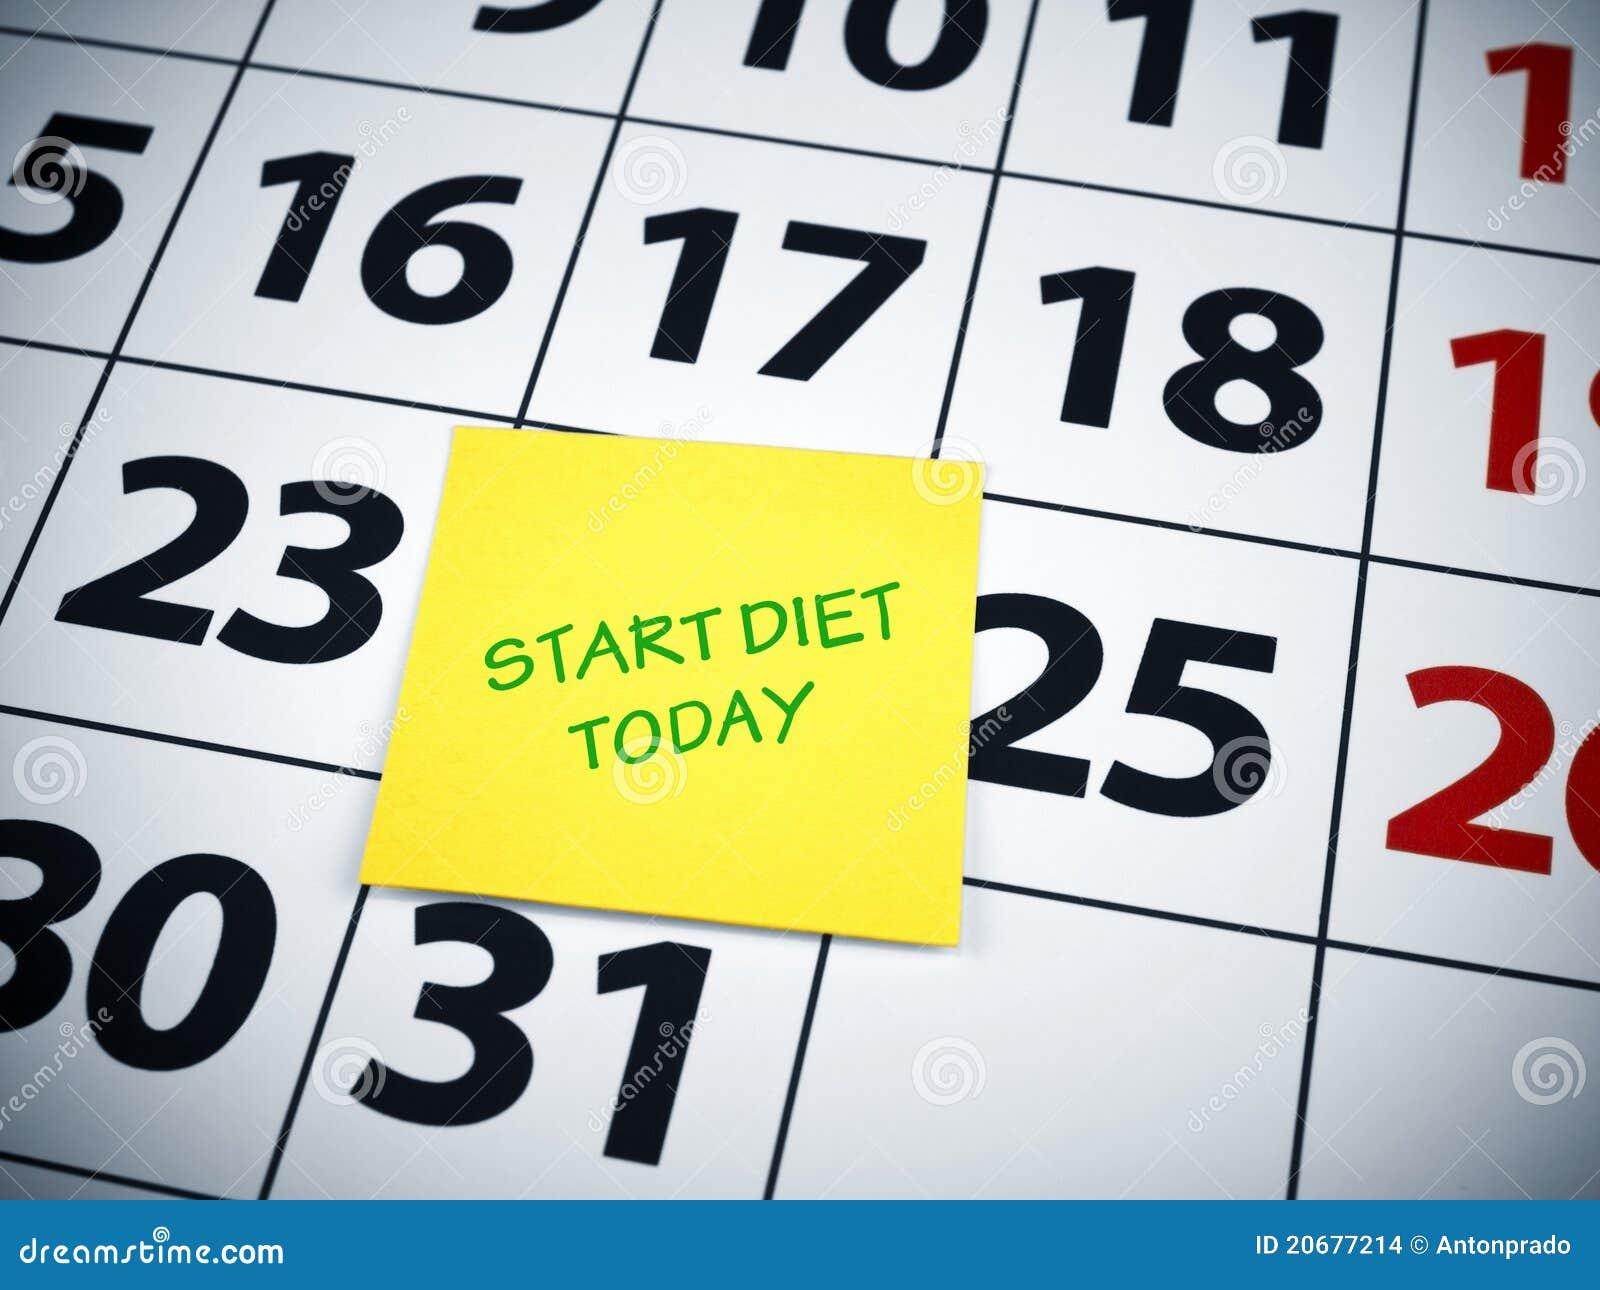 Beginnen Sie Diät heute